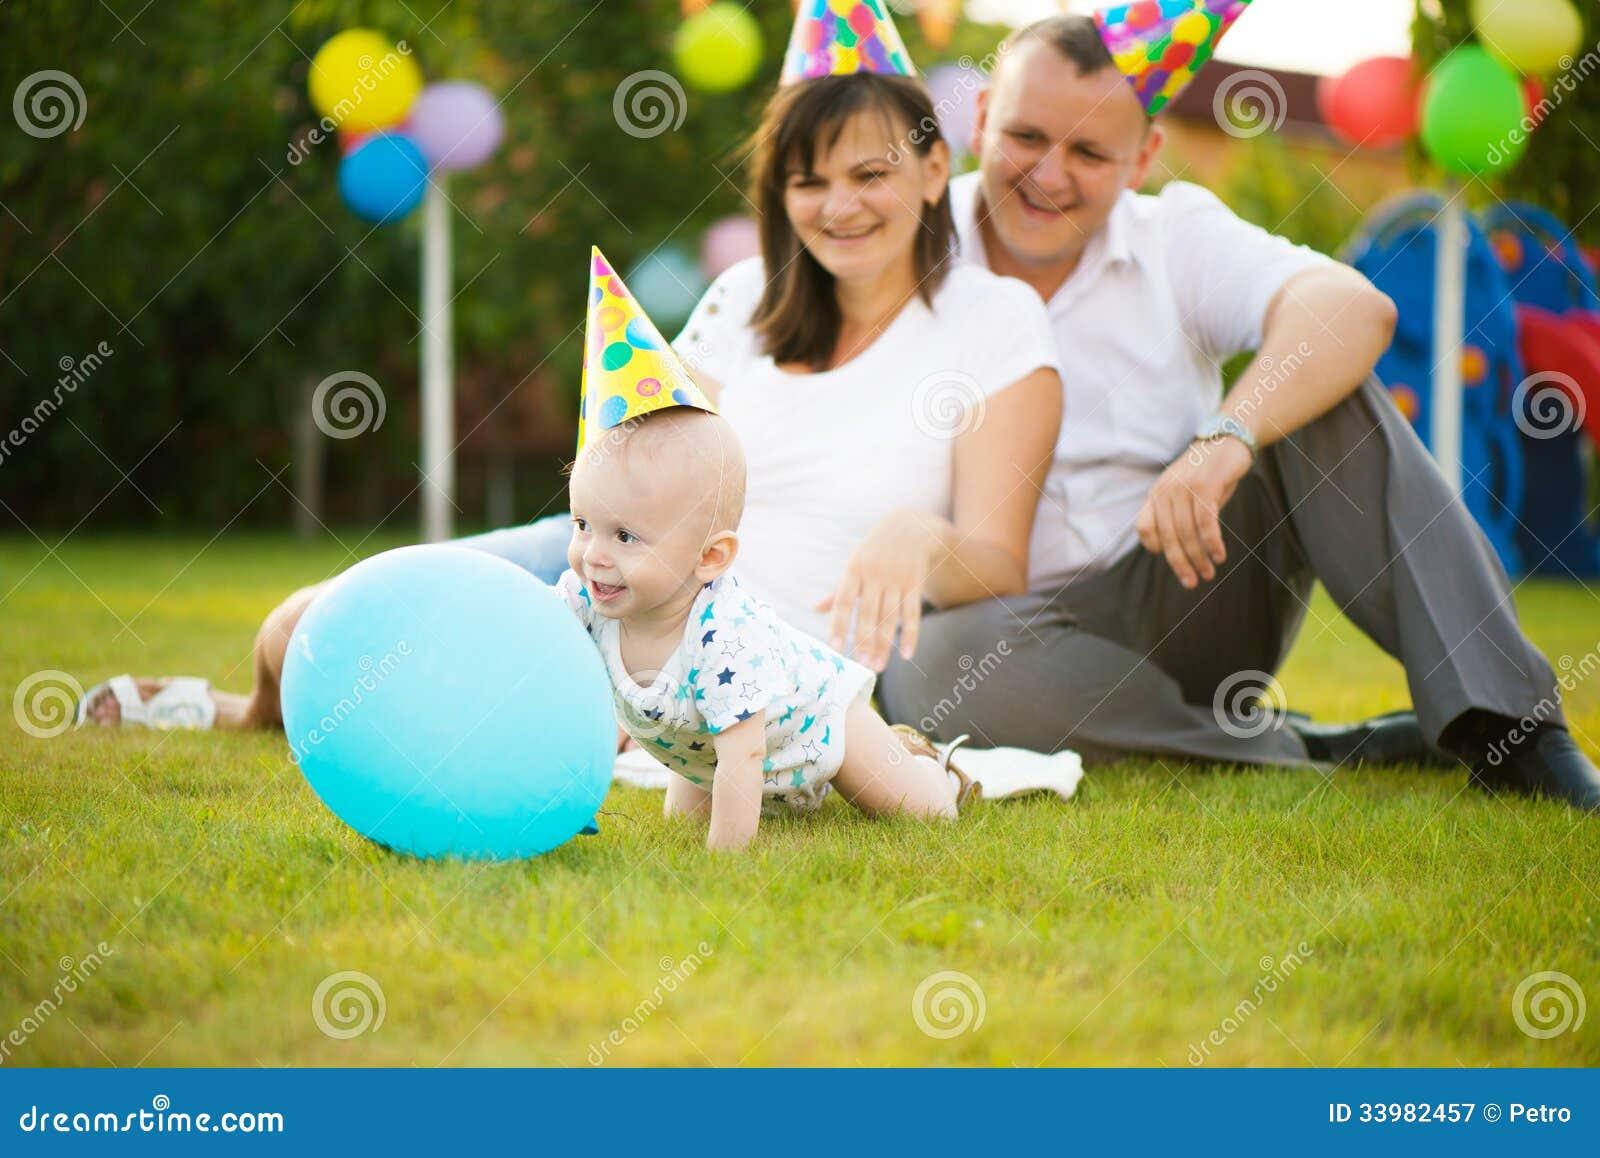 Kleines Baby in der Kappe auf seinem Geburtstag